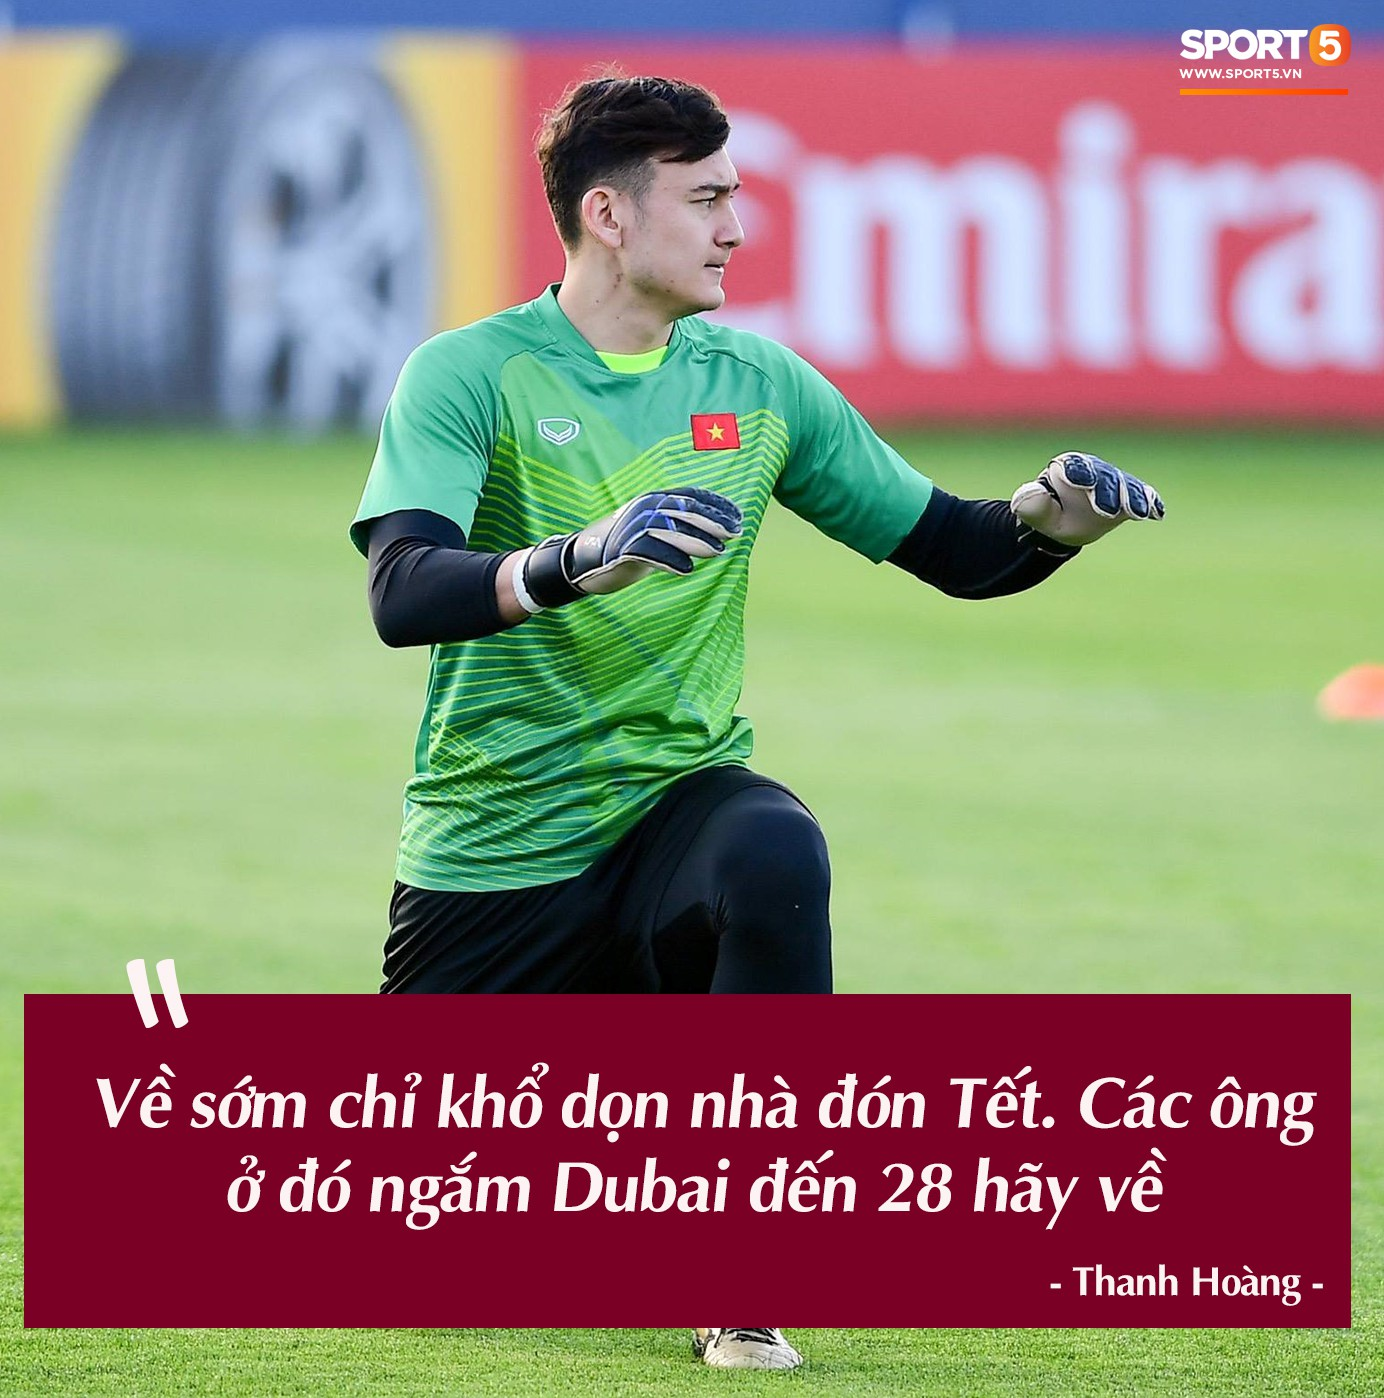 Trước vòng đấu loại trực tiếp Asian Cup 2019, Đặng Văn Lâm tuyên bố: Anh sẽ về, nhưng không phải hôm nay-6